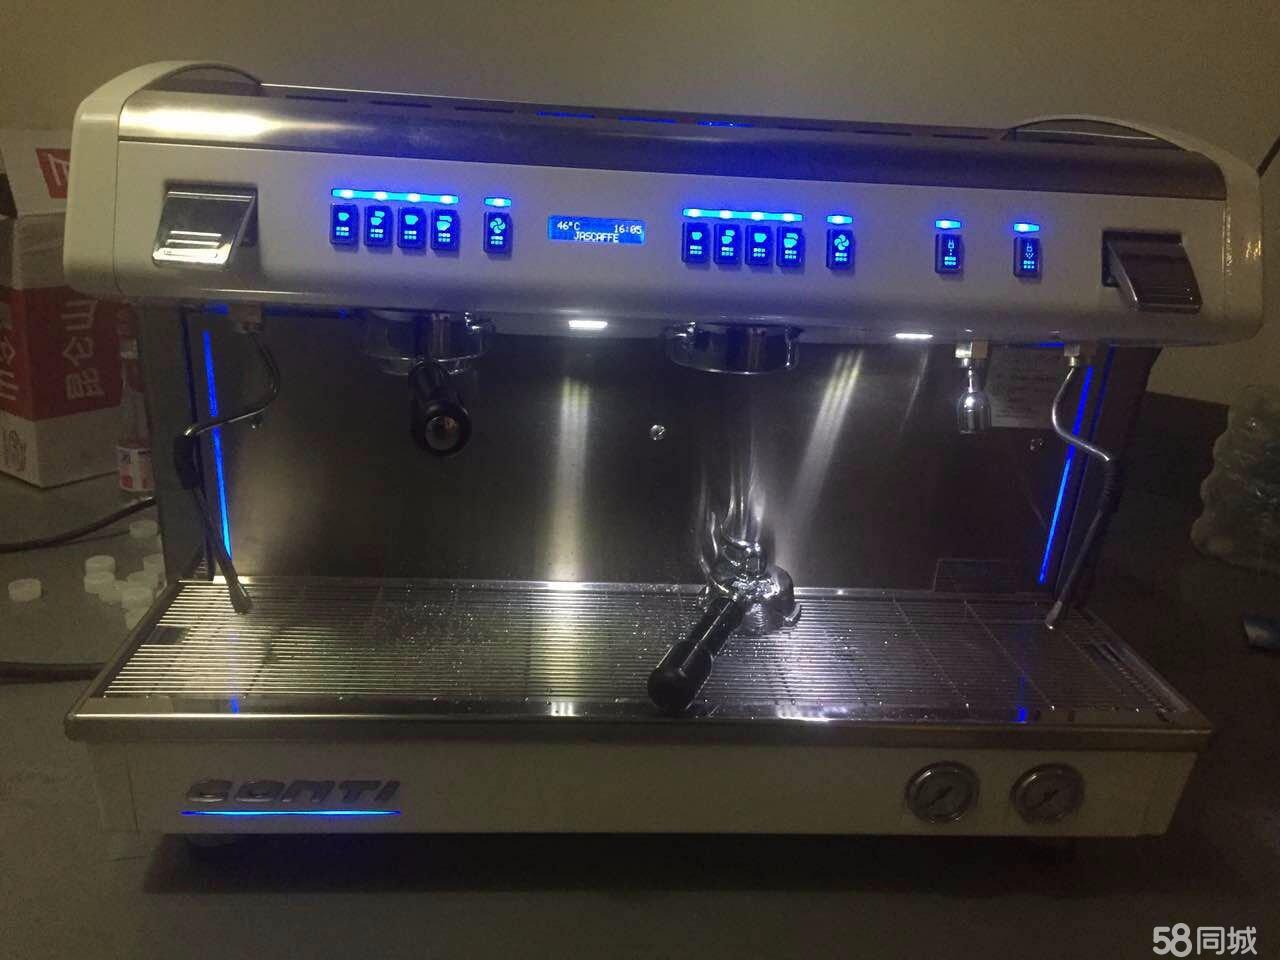 半自動咖啡機回收 咖啡機回收找上海紅河 意大利半自動咖啡回收